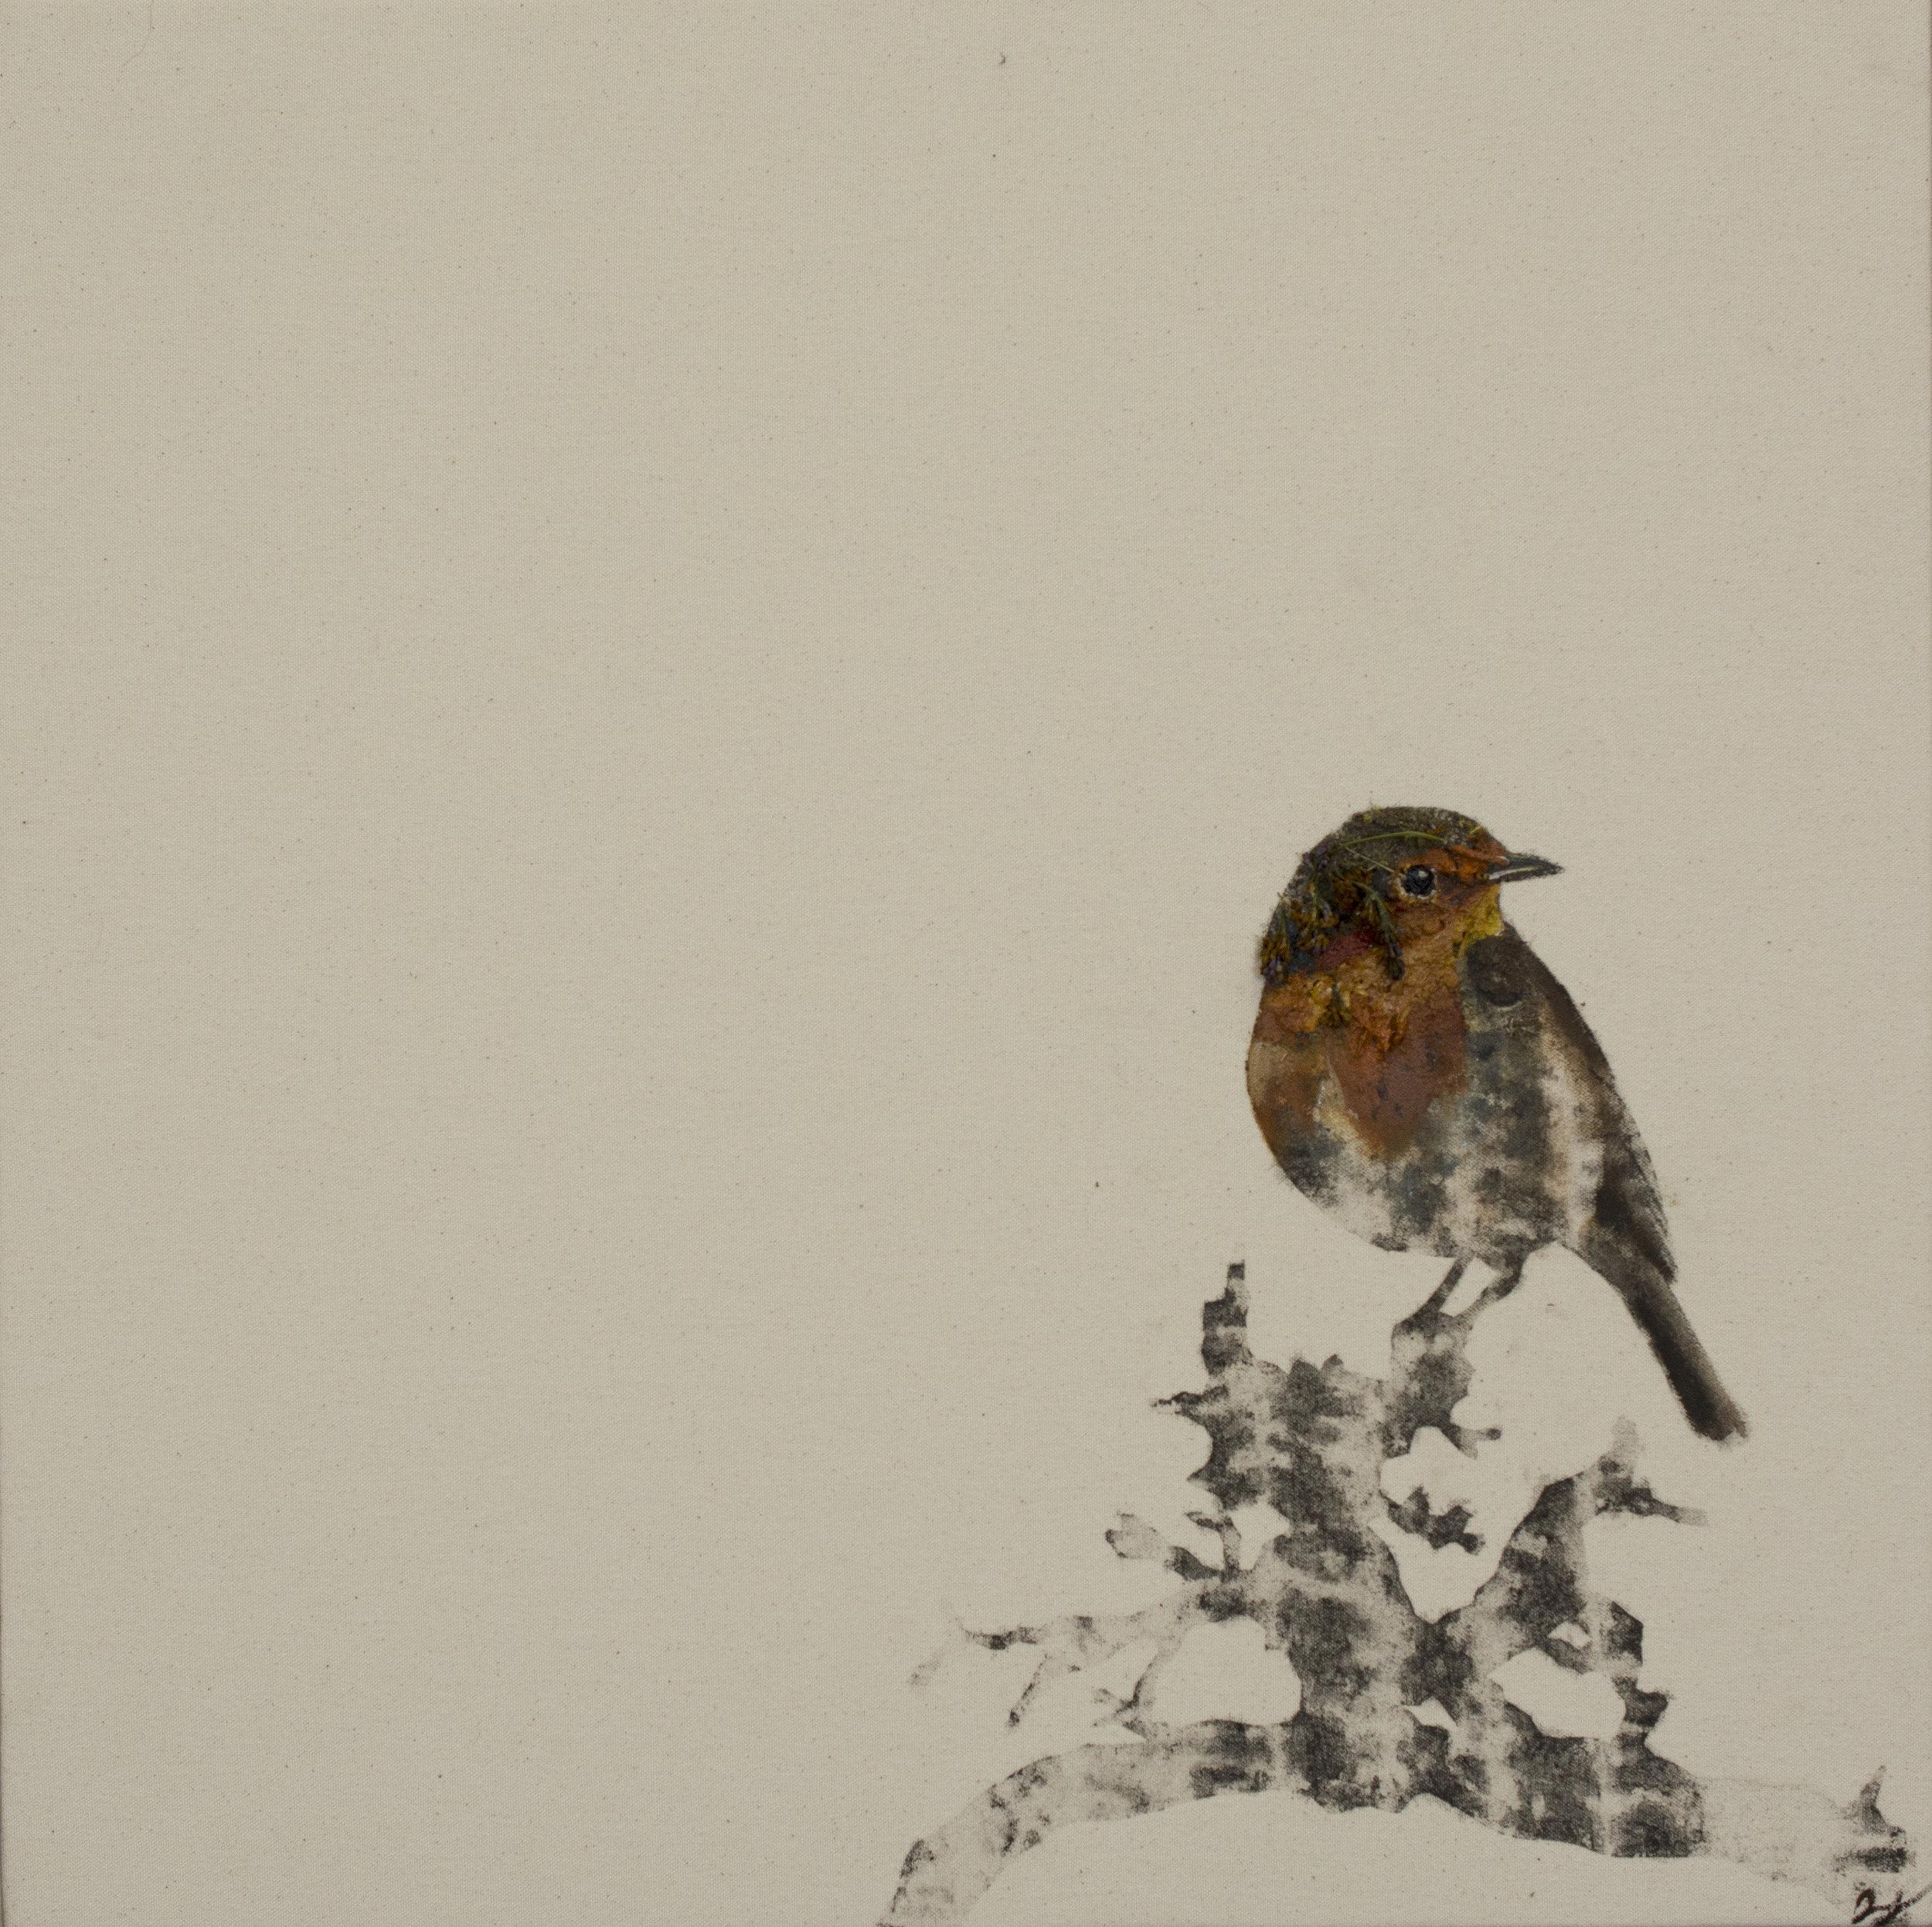 Earth Bird, Chickadee